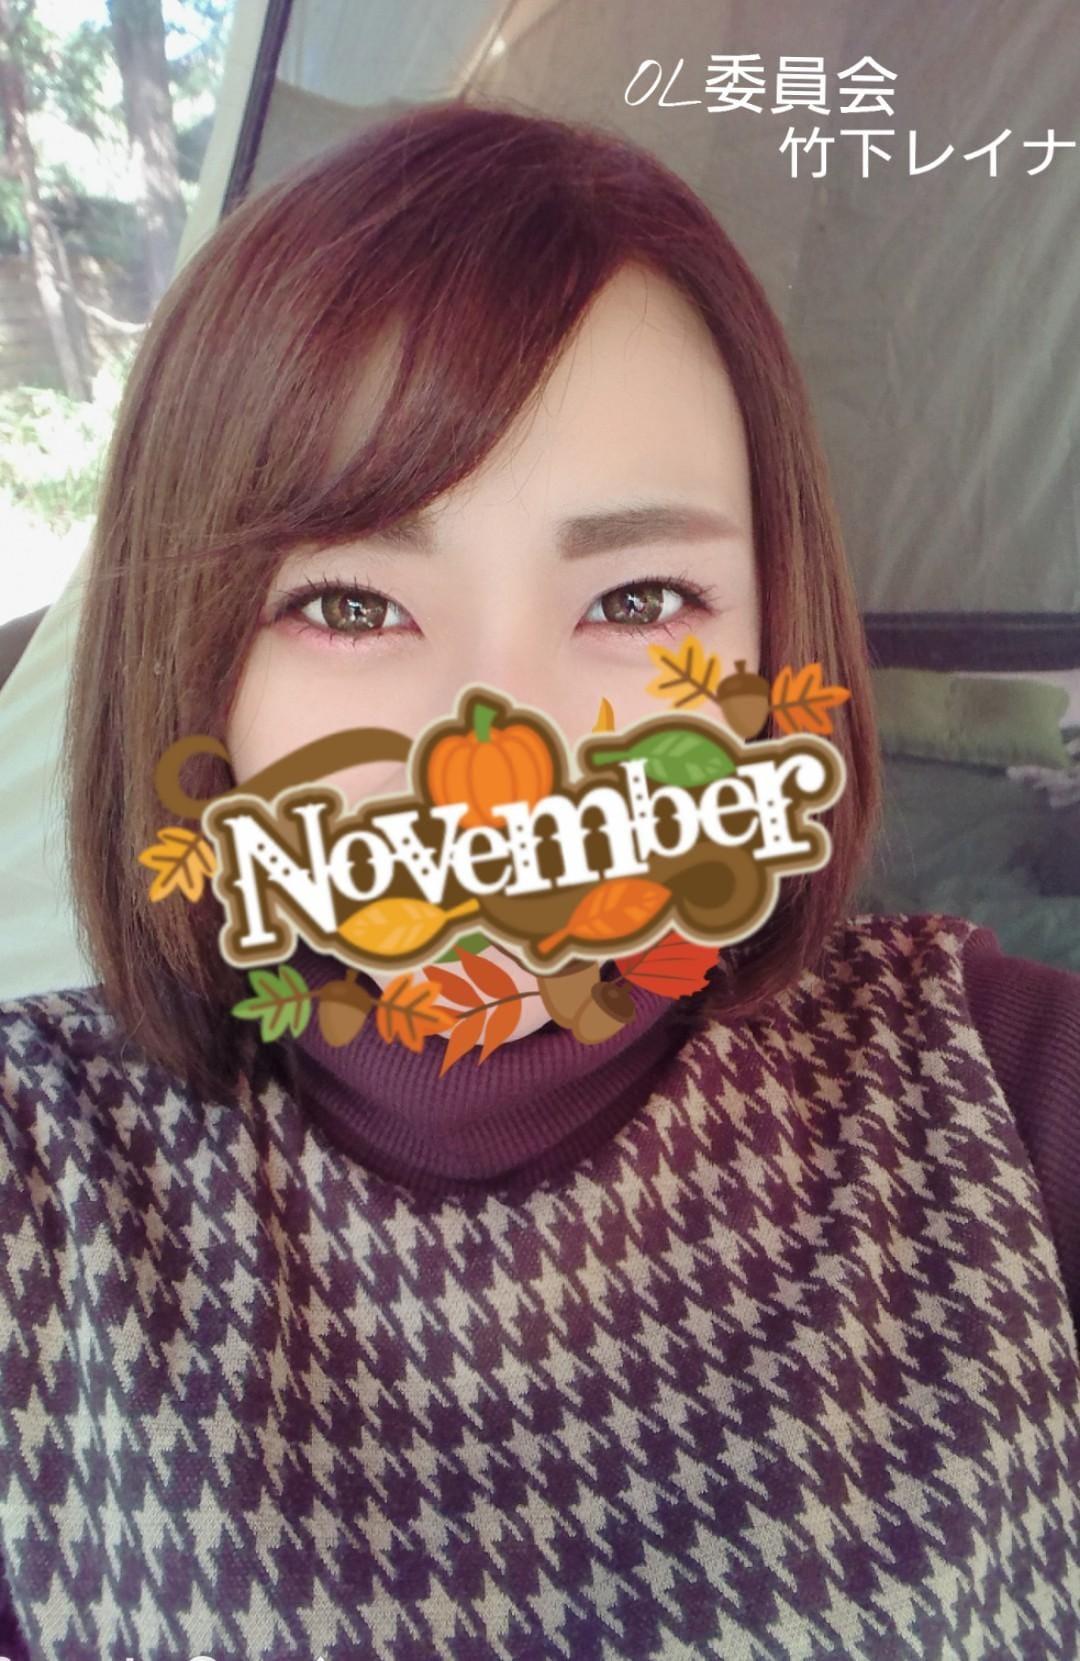 「充実と感謝」11/10(日) 14:50 | 竹下レイナの写メ・風俗動画